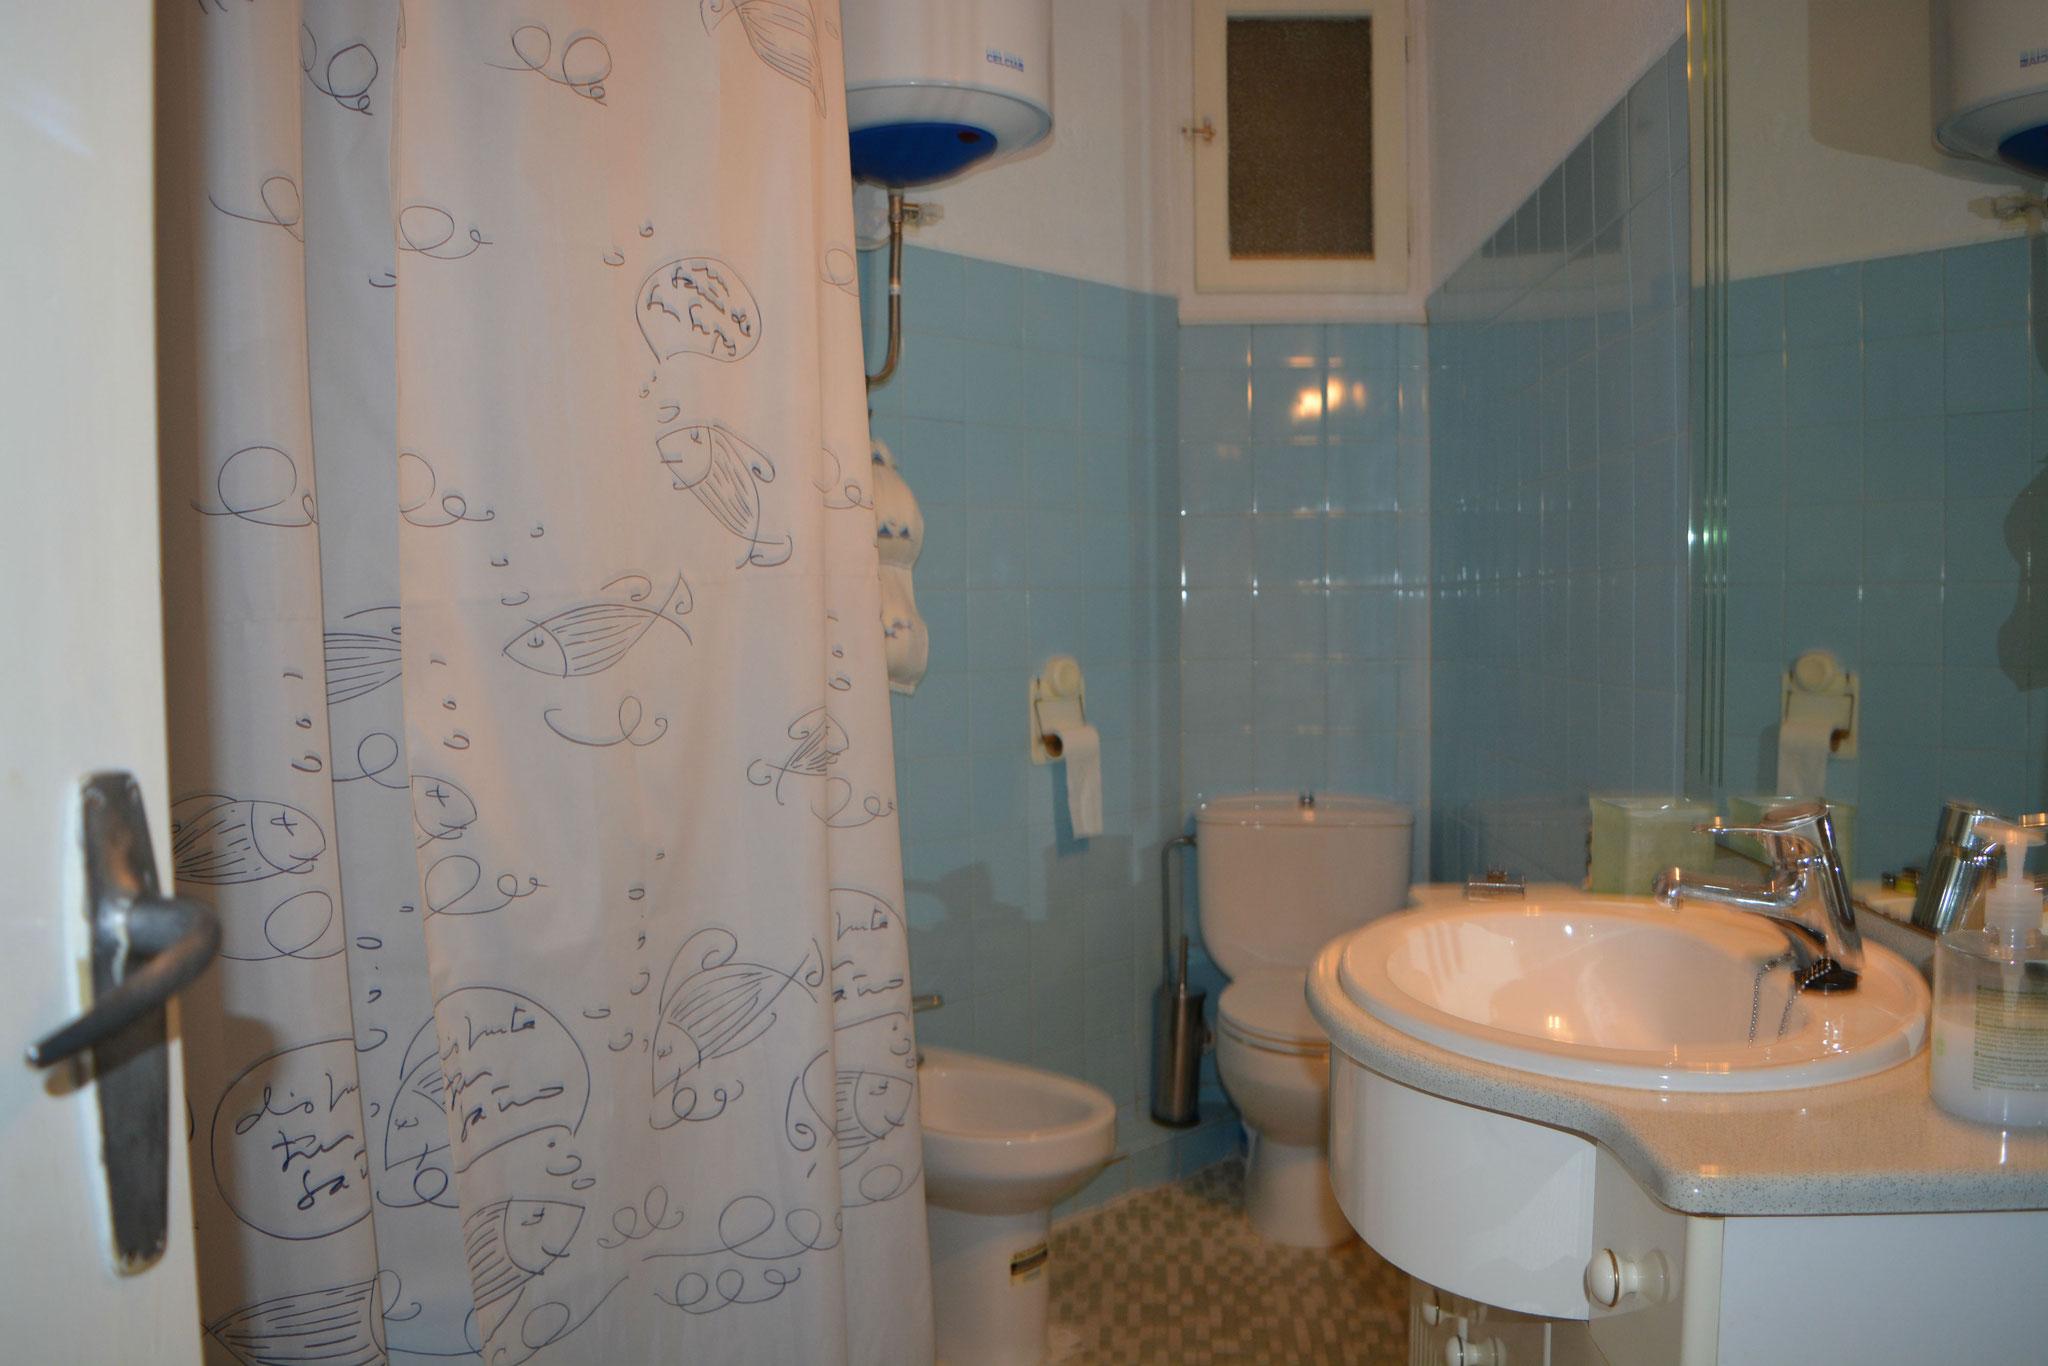 Baño completo con lavadora de media carga